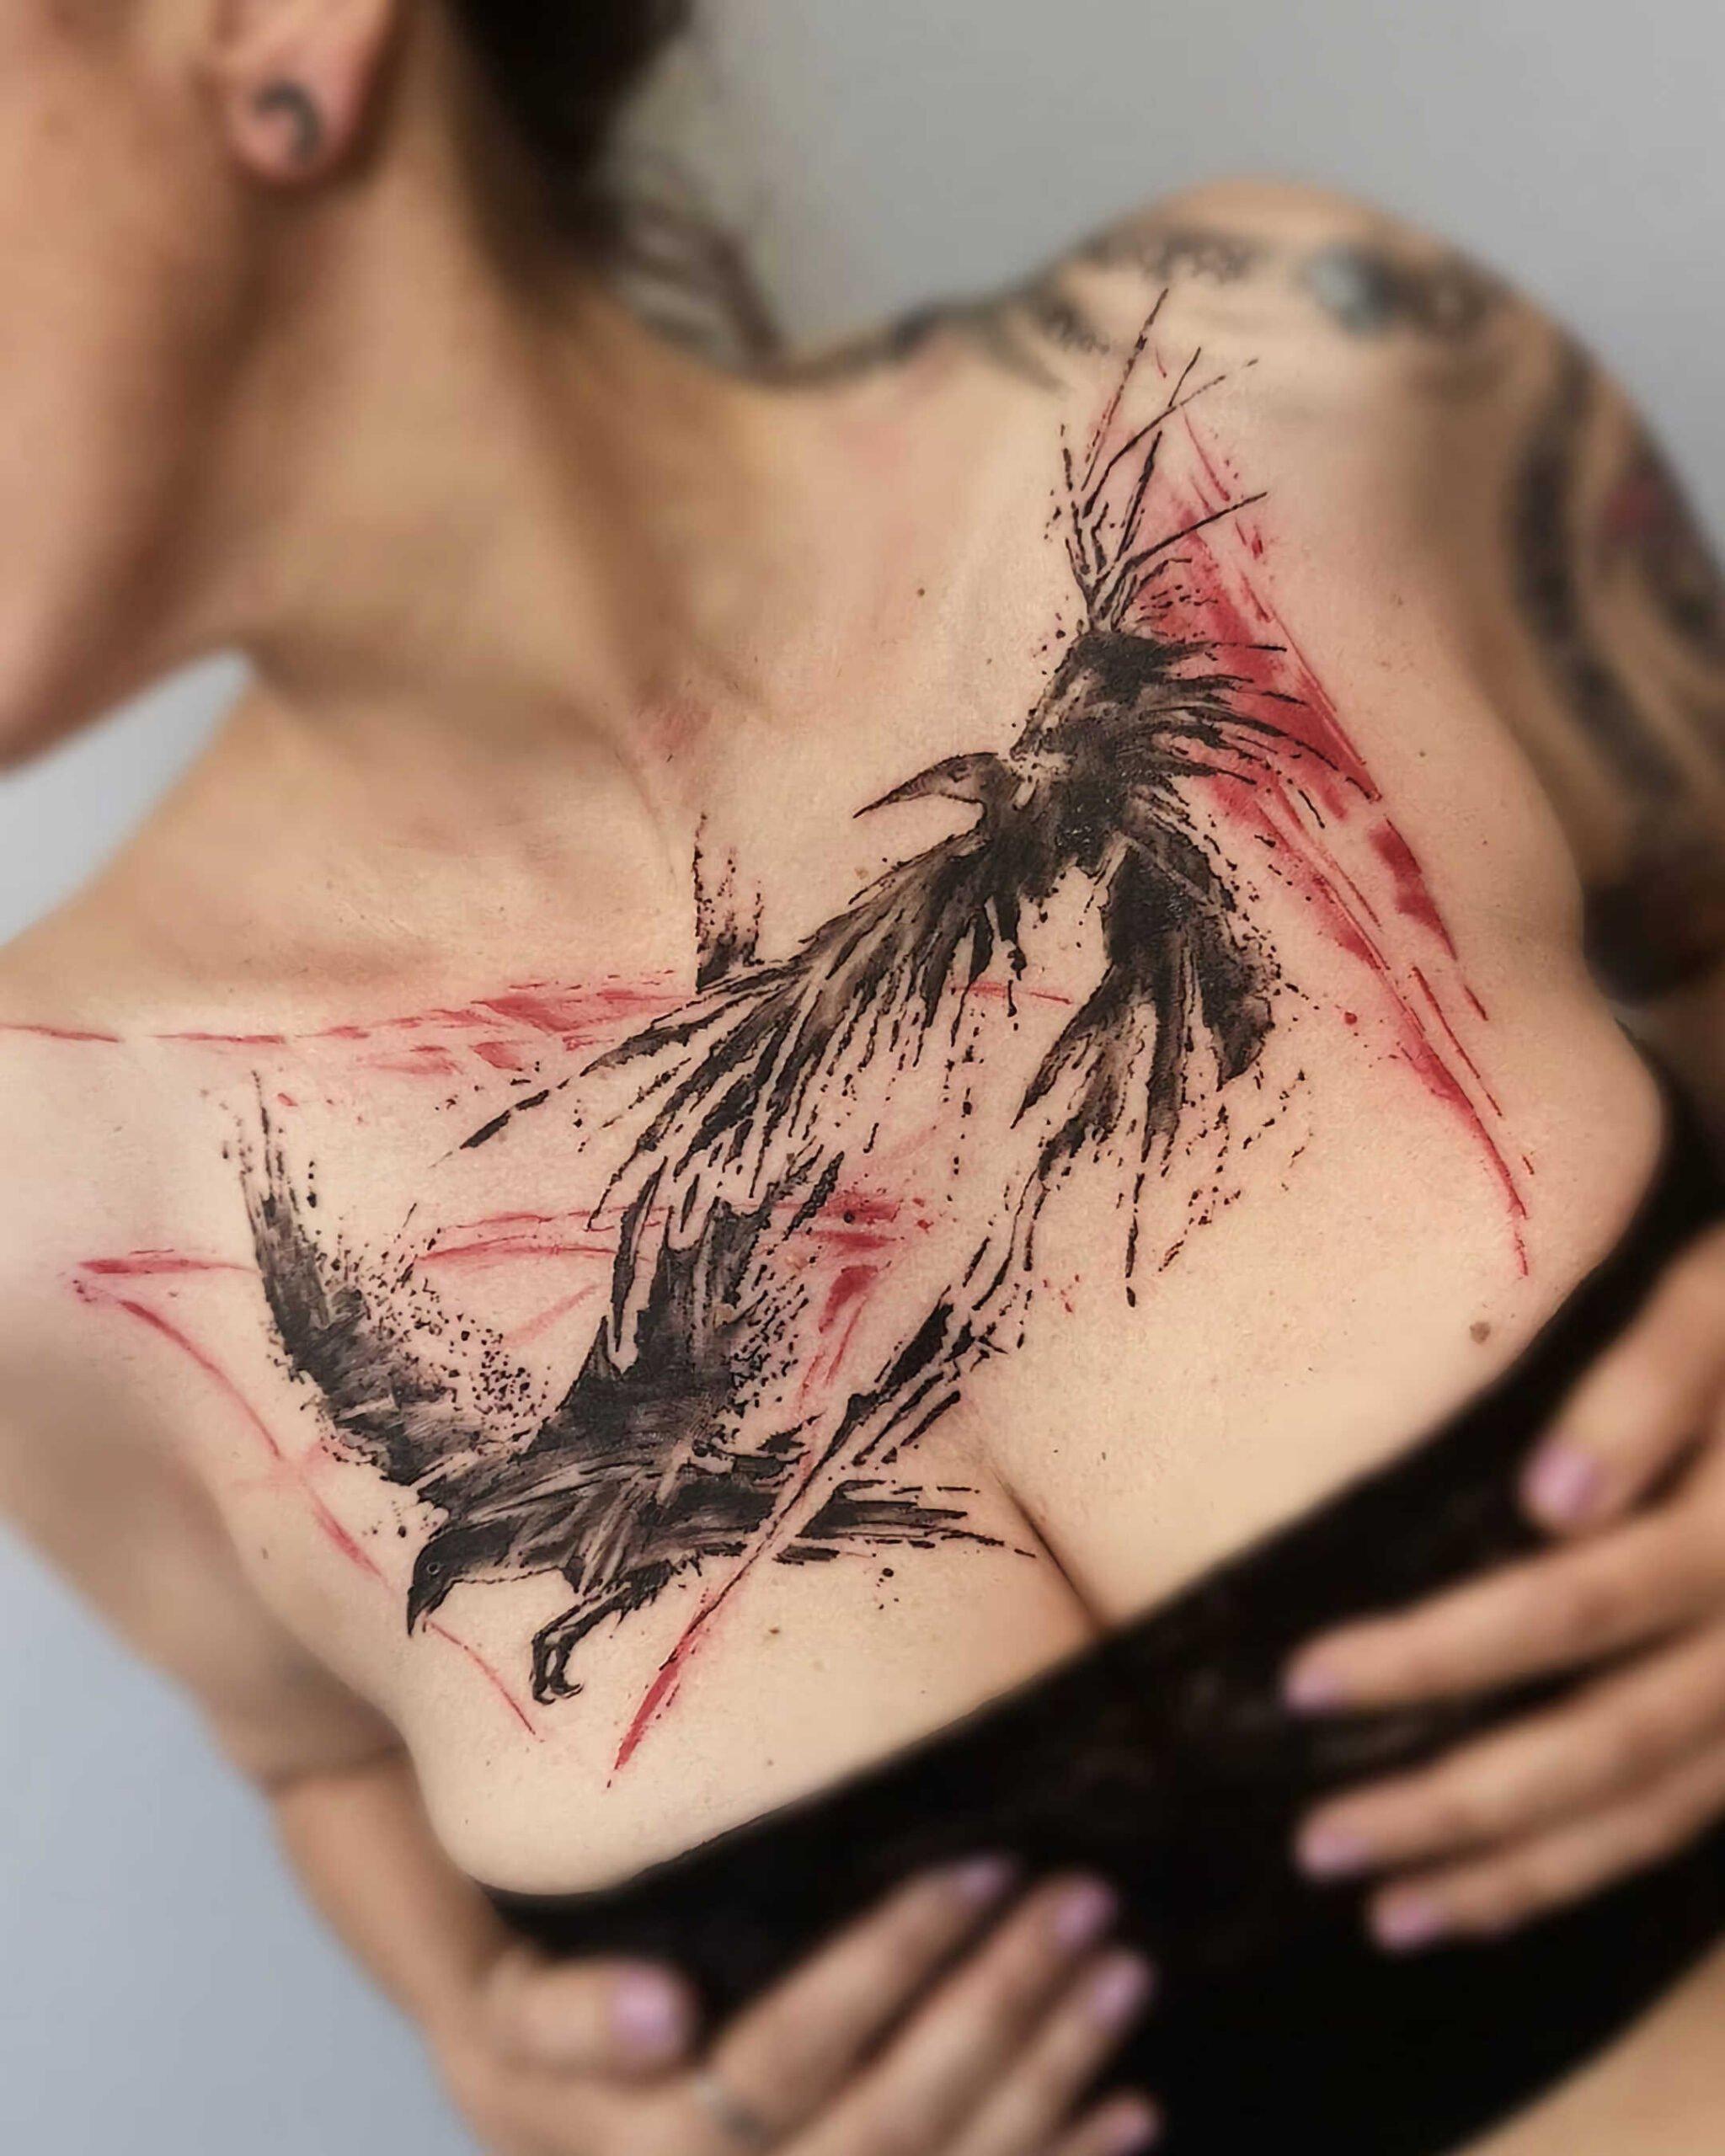 красивое тату в стиле трэщ-полька на груди